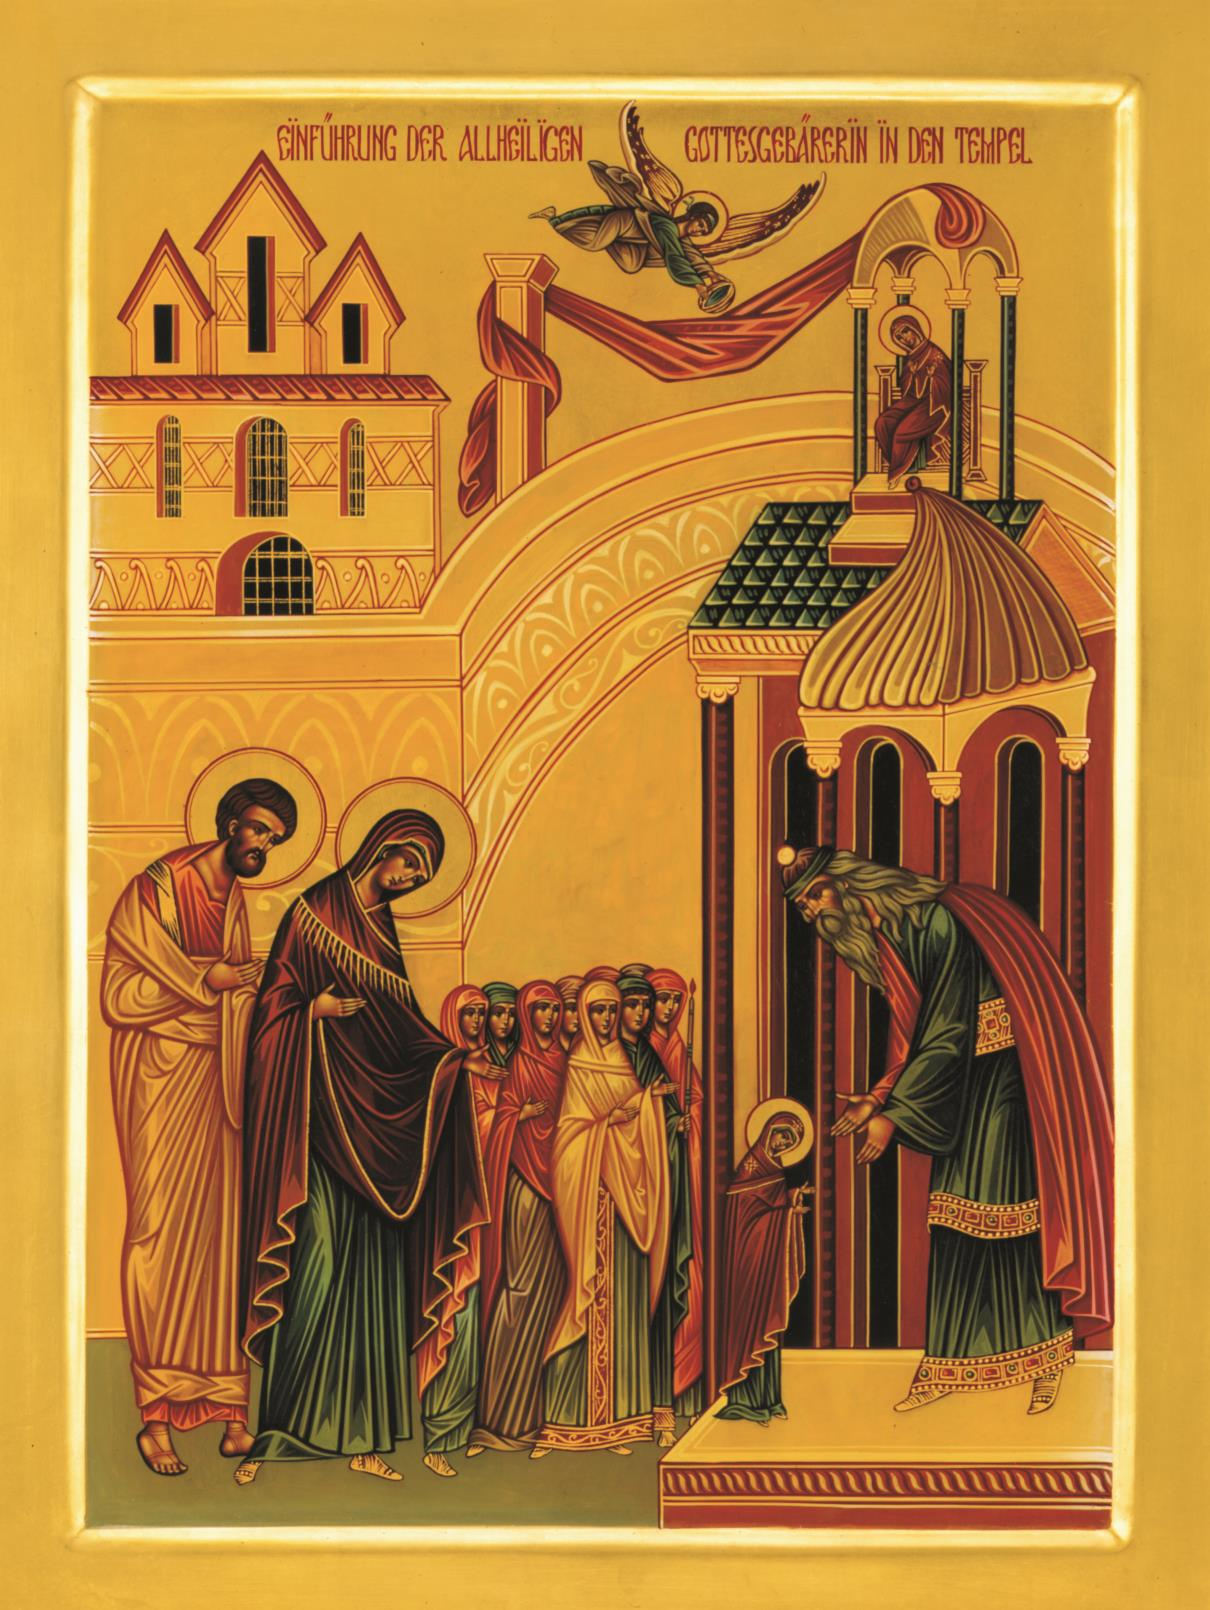 Einführung der Gottesgebärerin in den Tempel